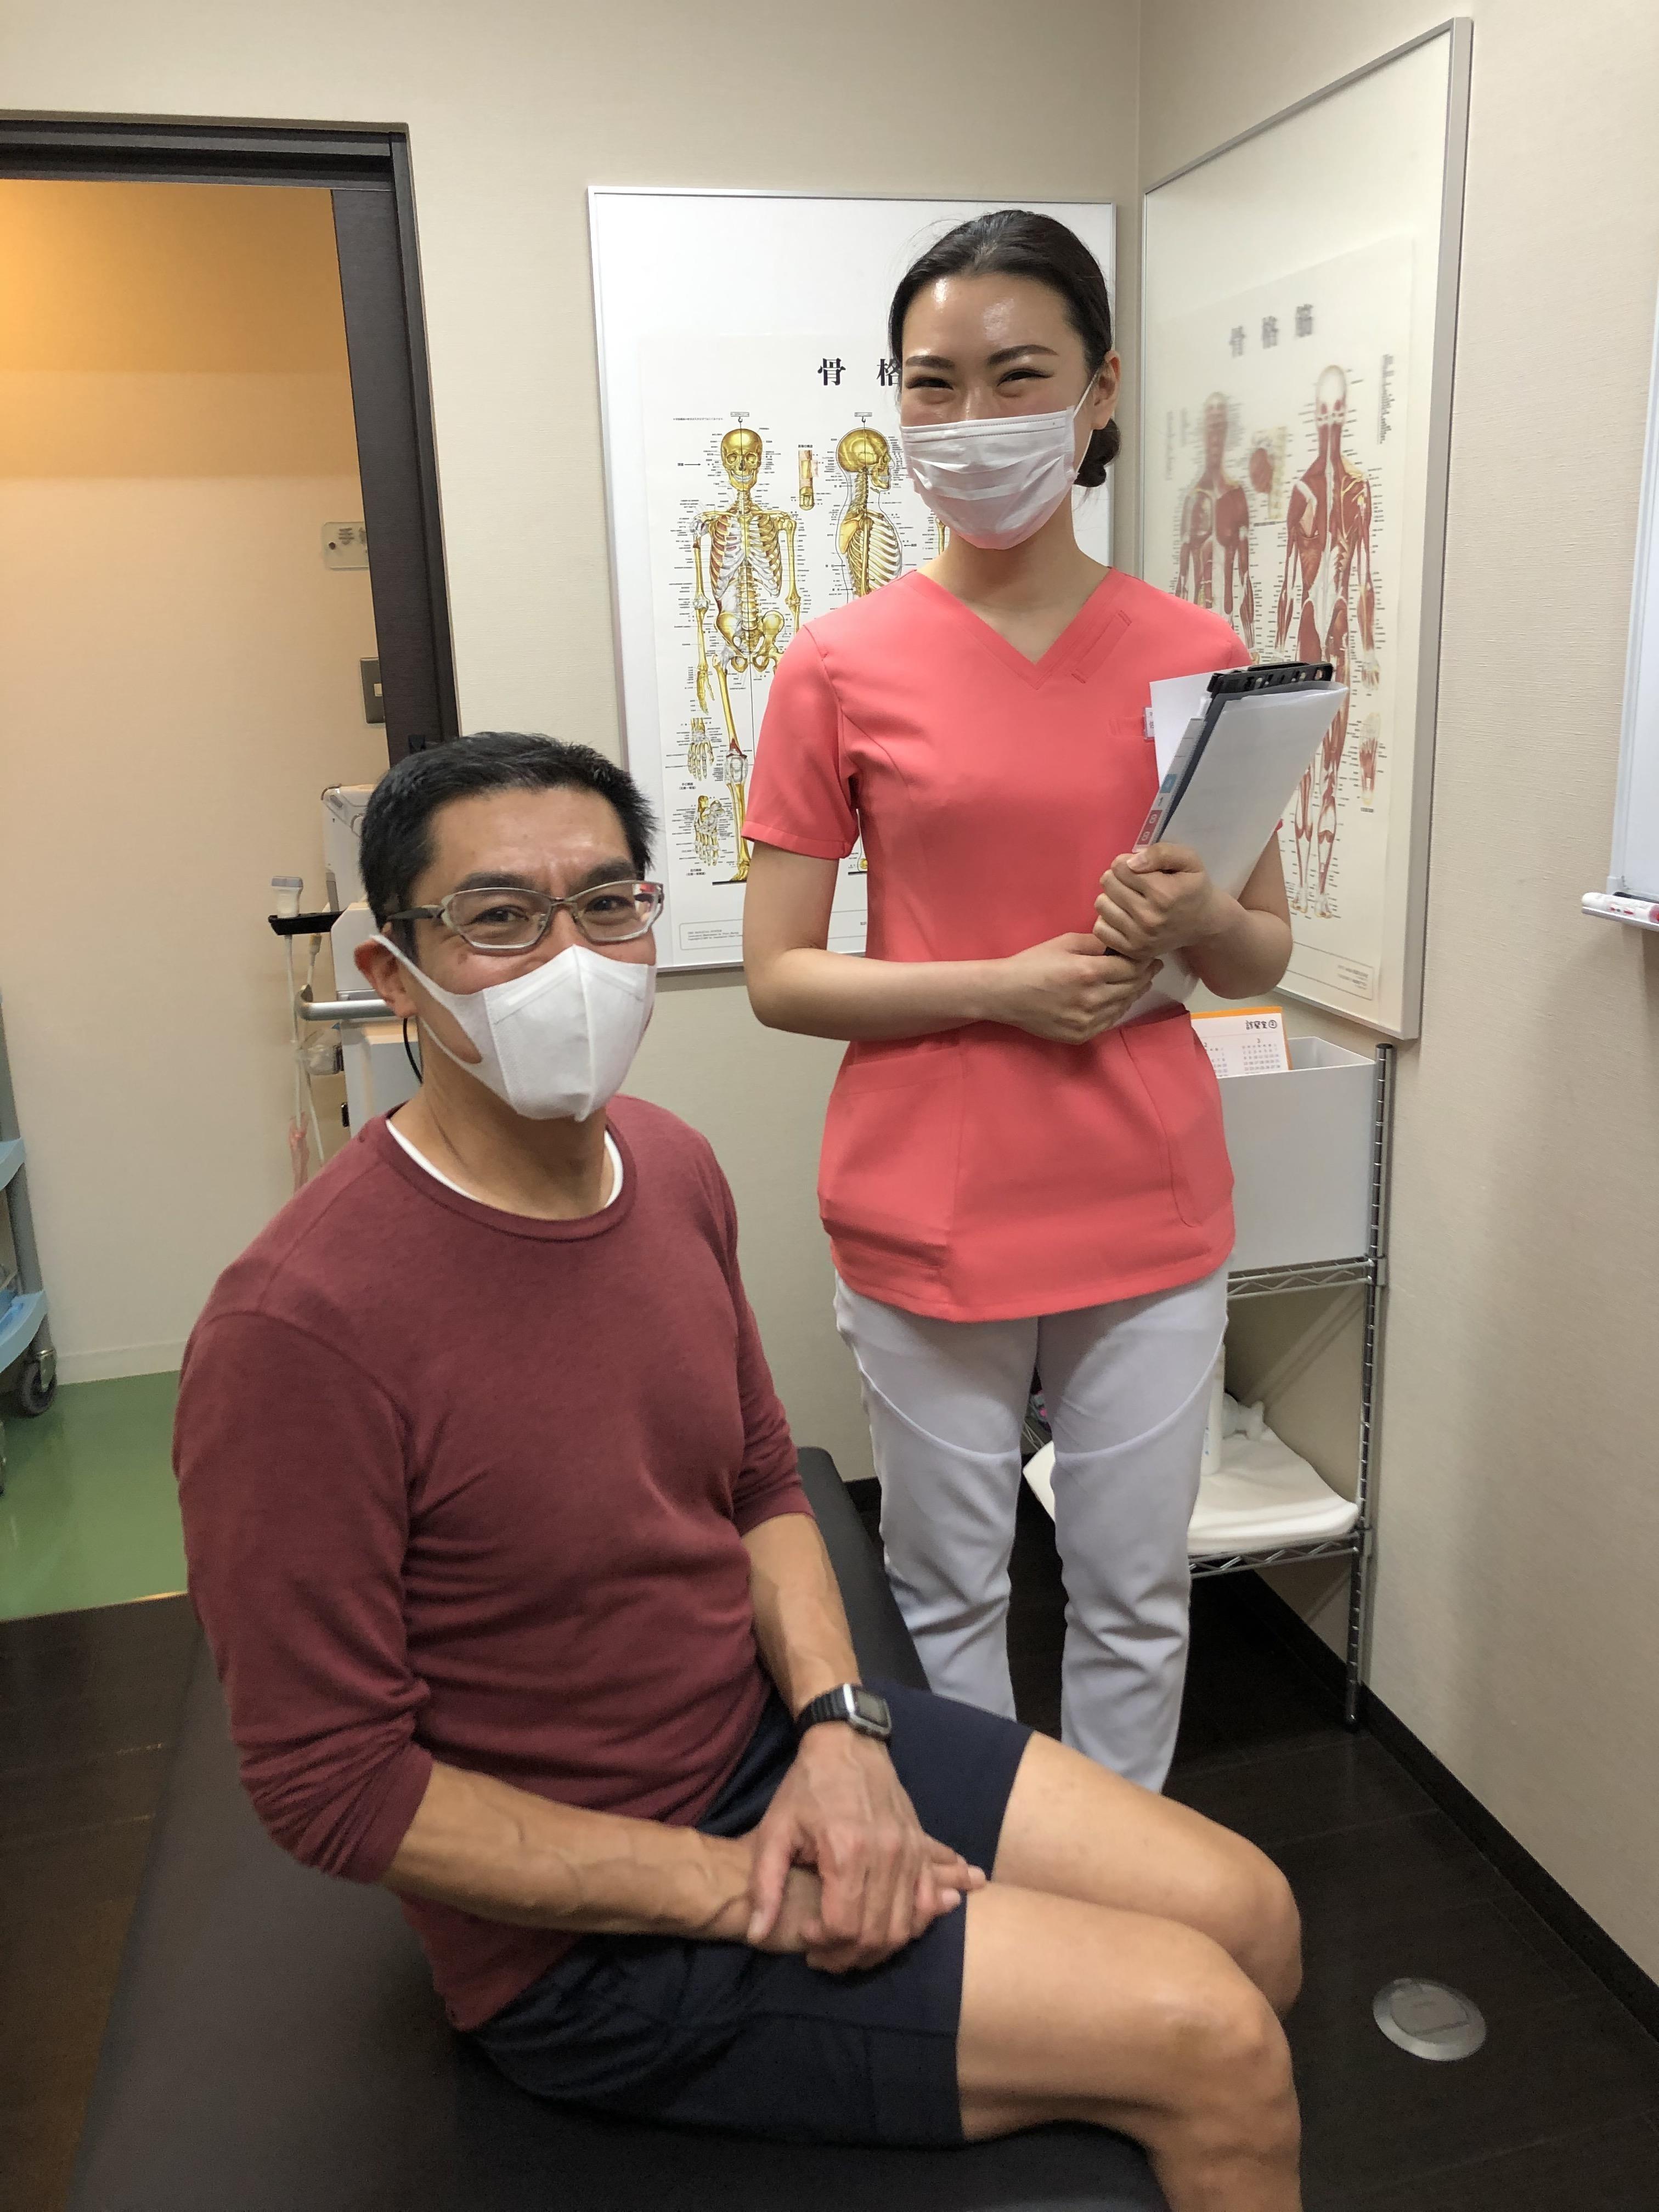 【培養幹細胞治療】最先端の膝OA治療